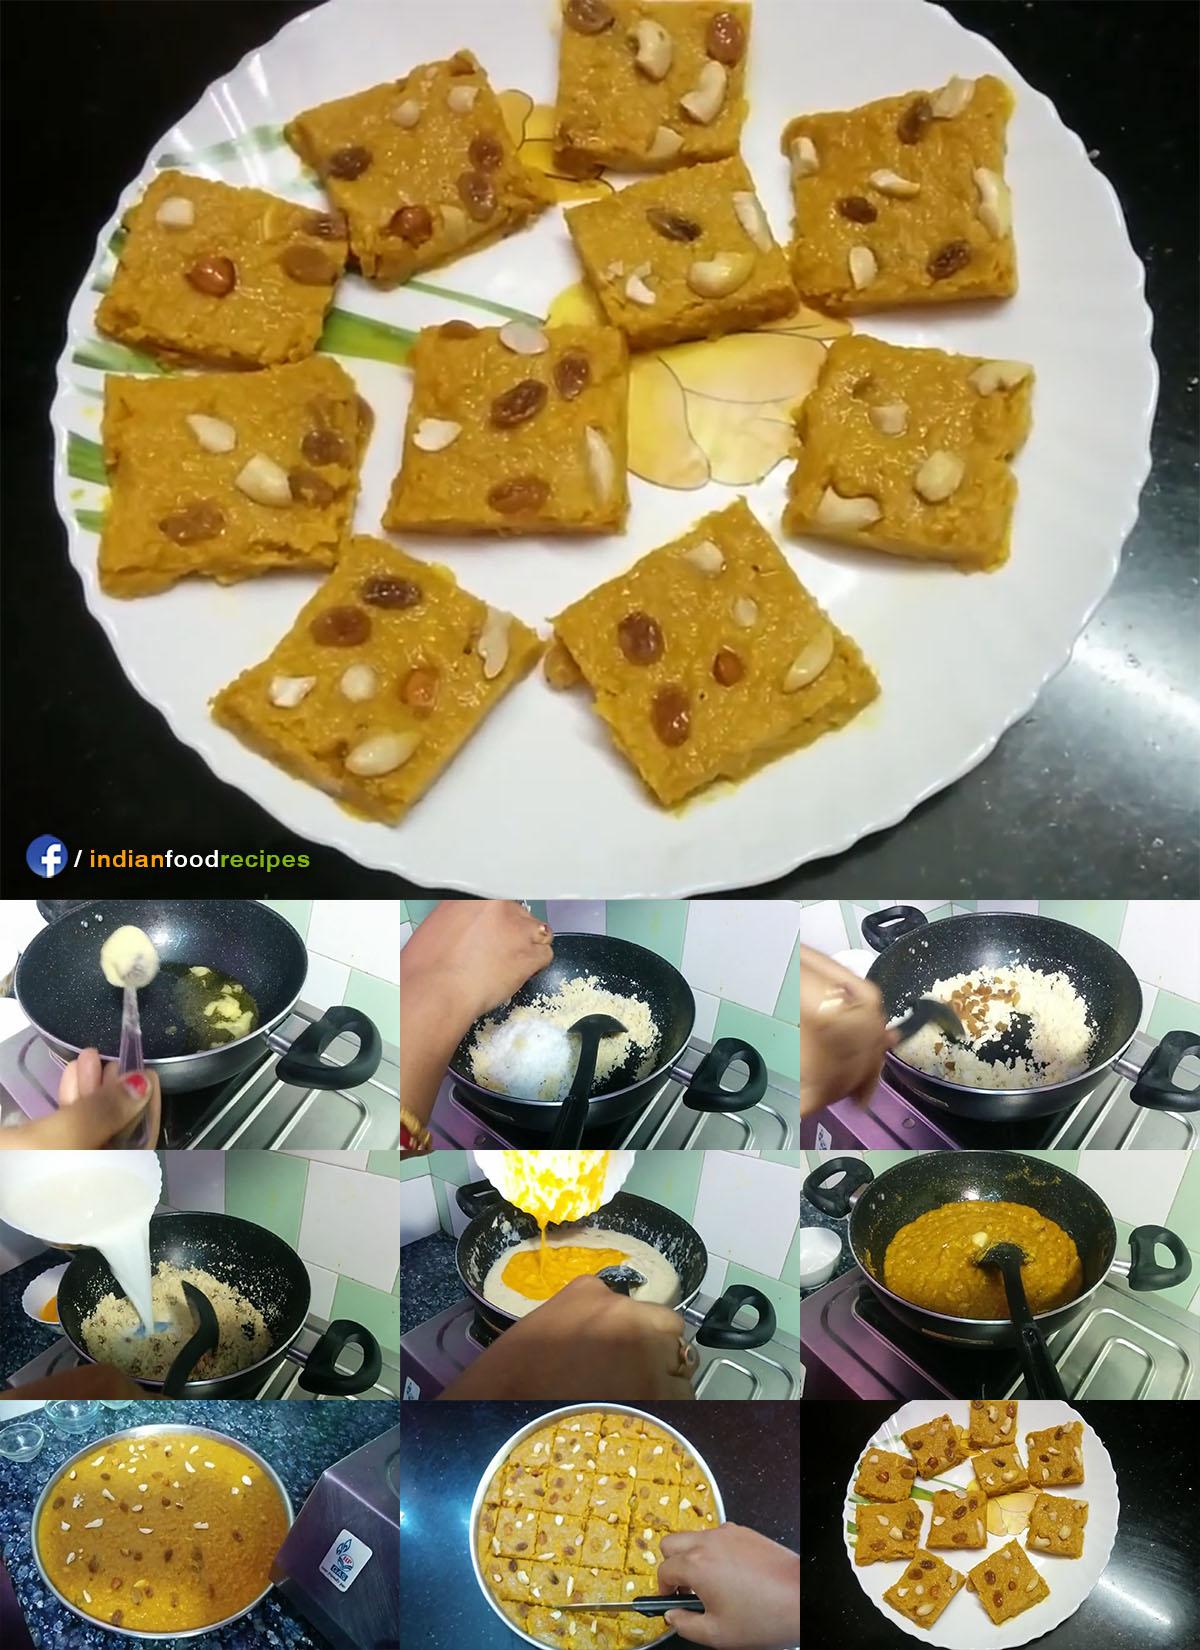 Mango Halwa / Mango Burfi recipe step by step